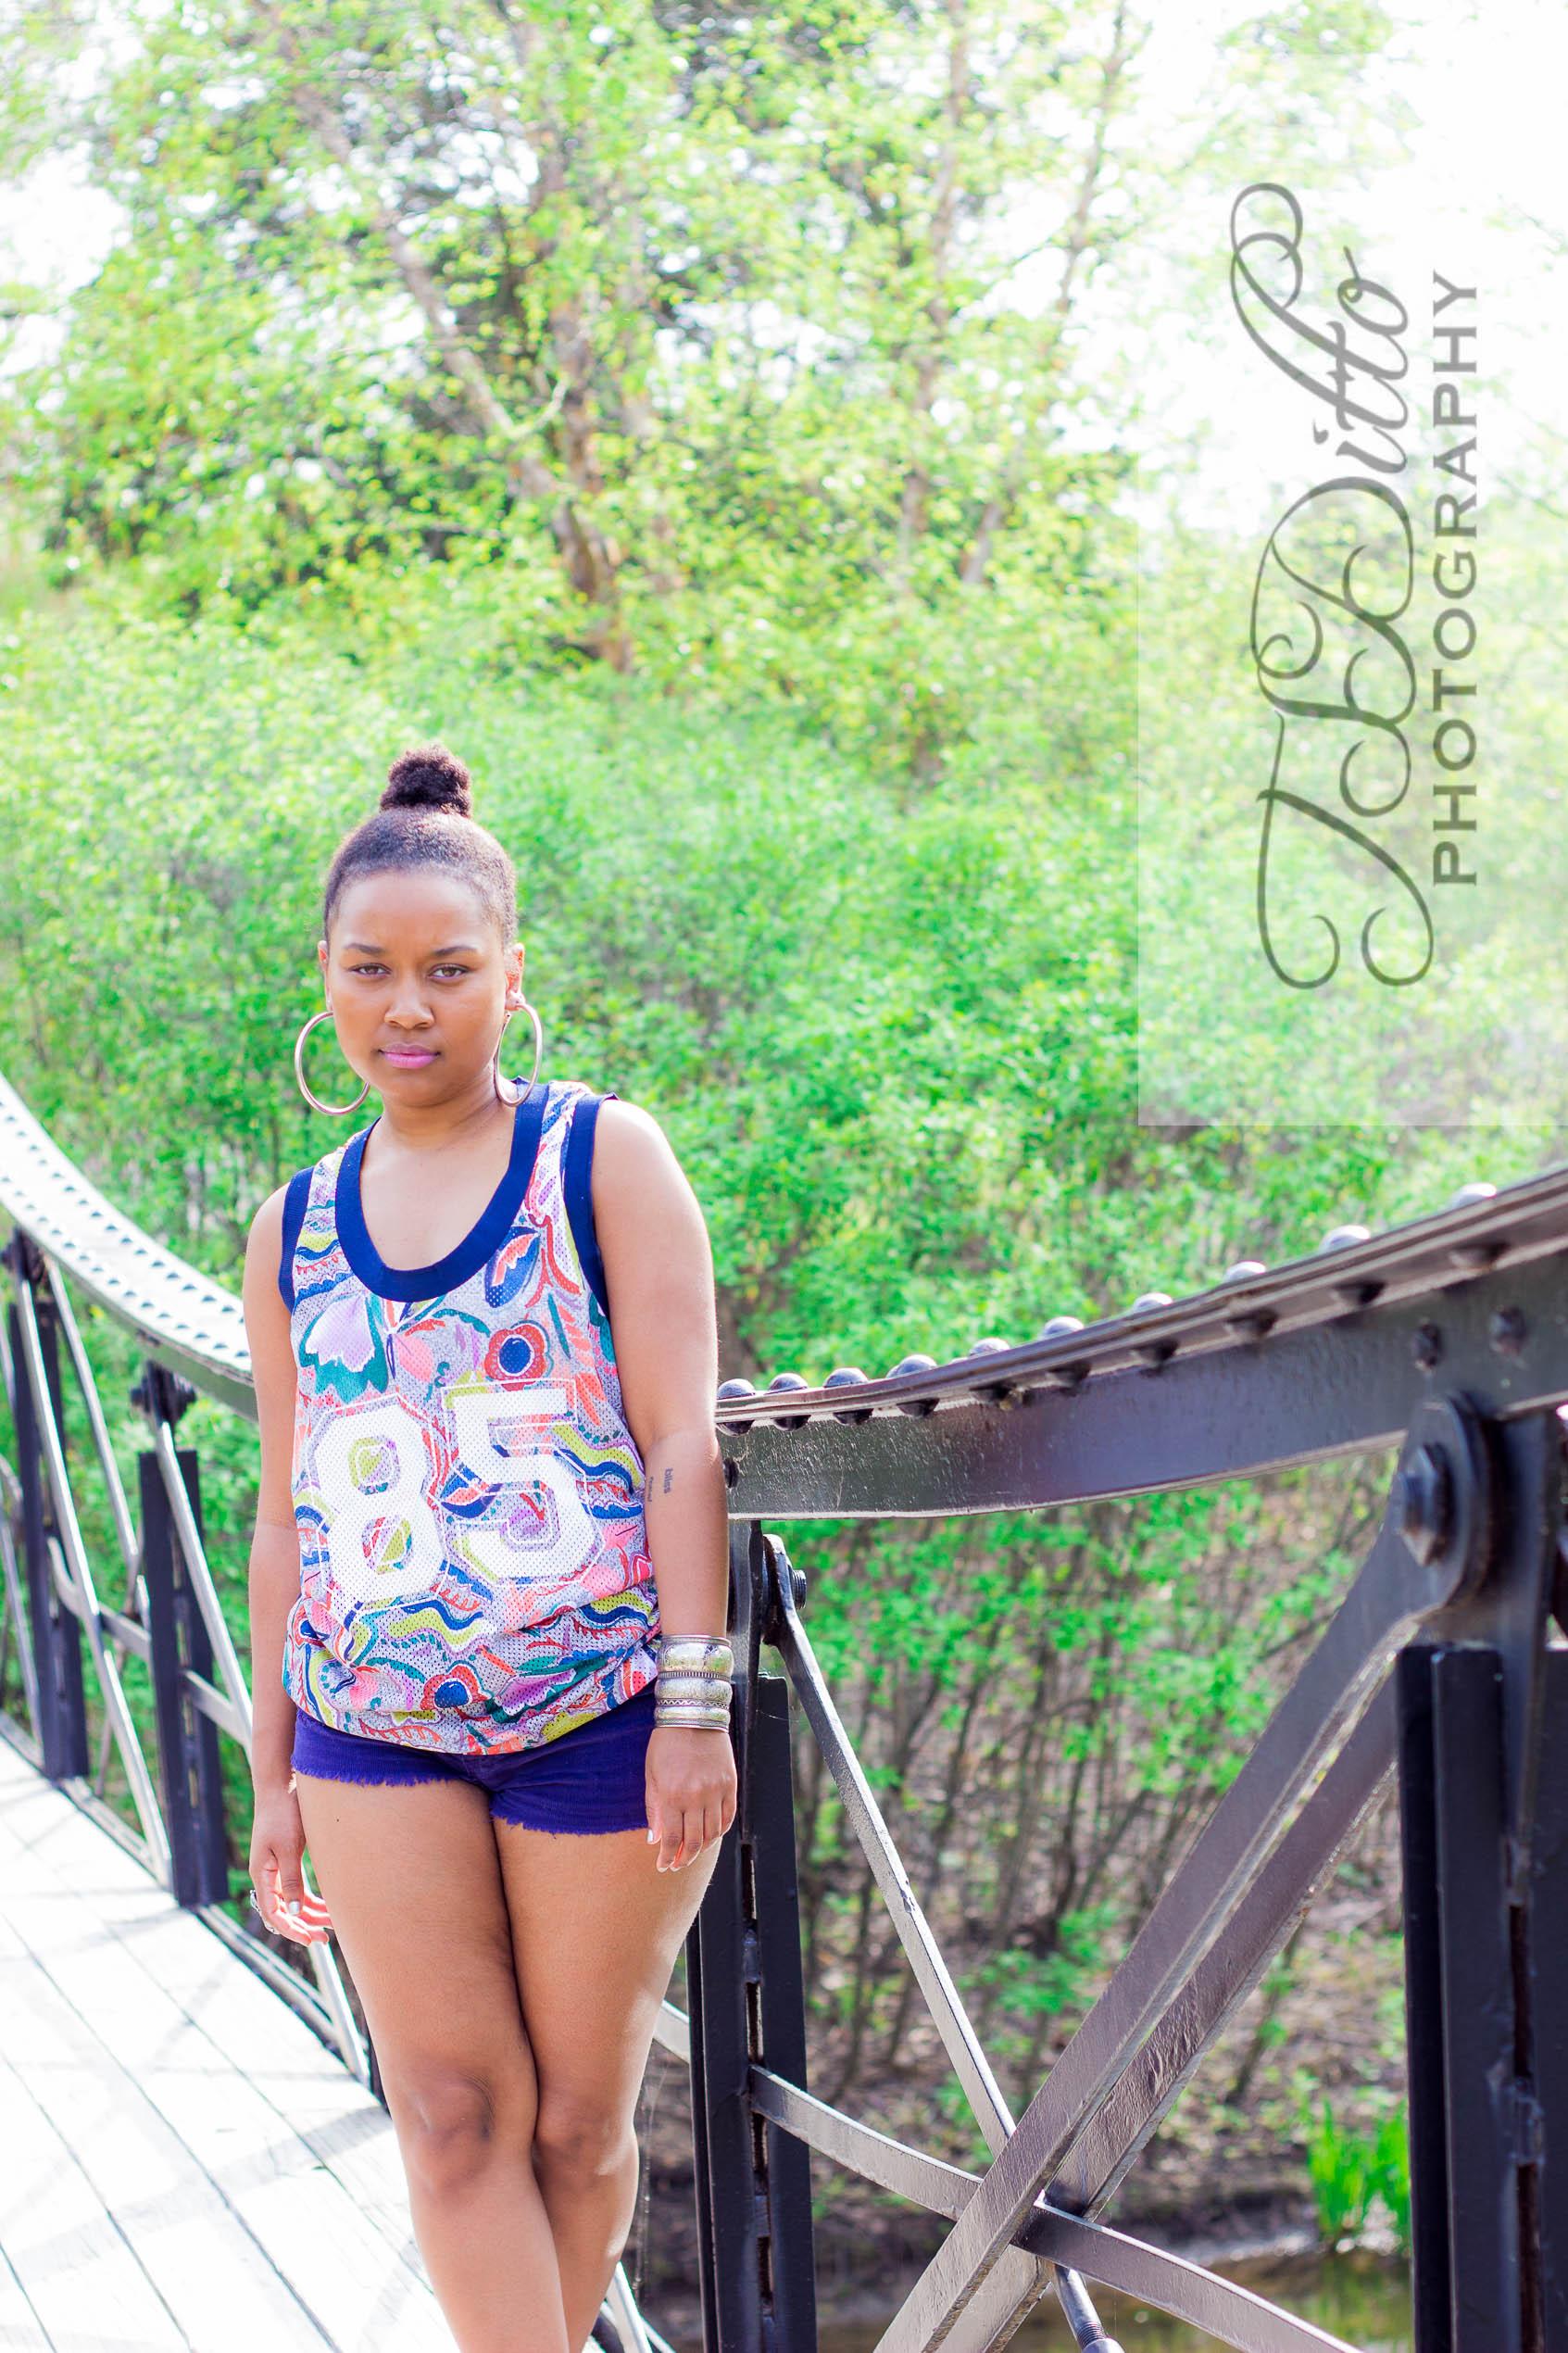 Missy in the park-1-13.jpg